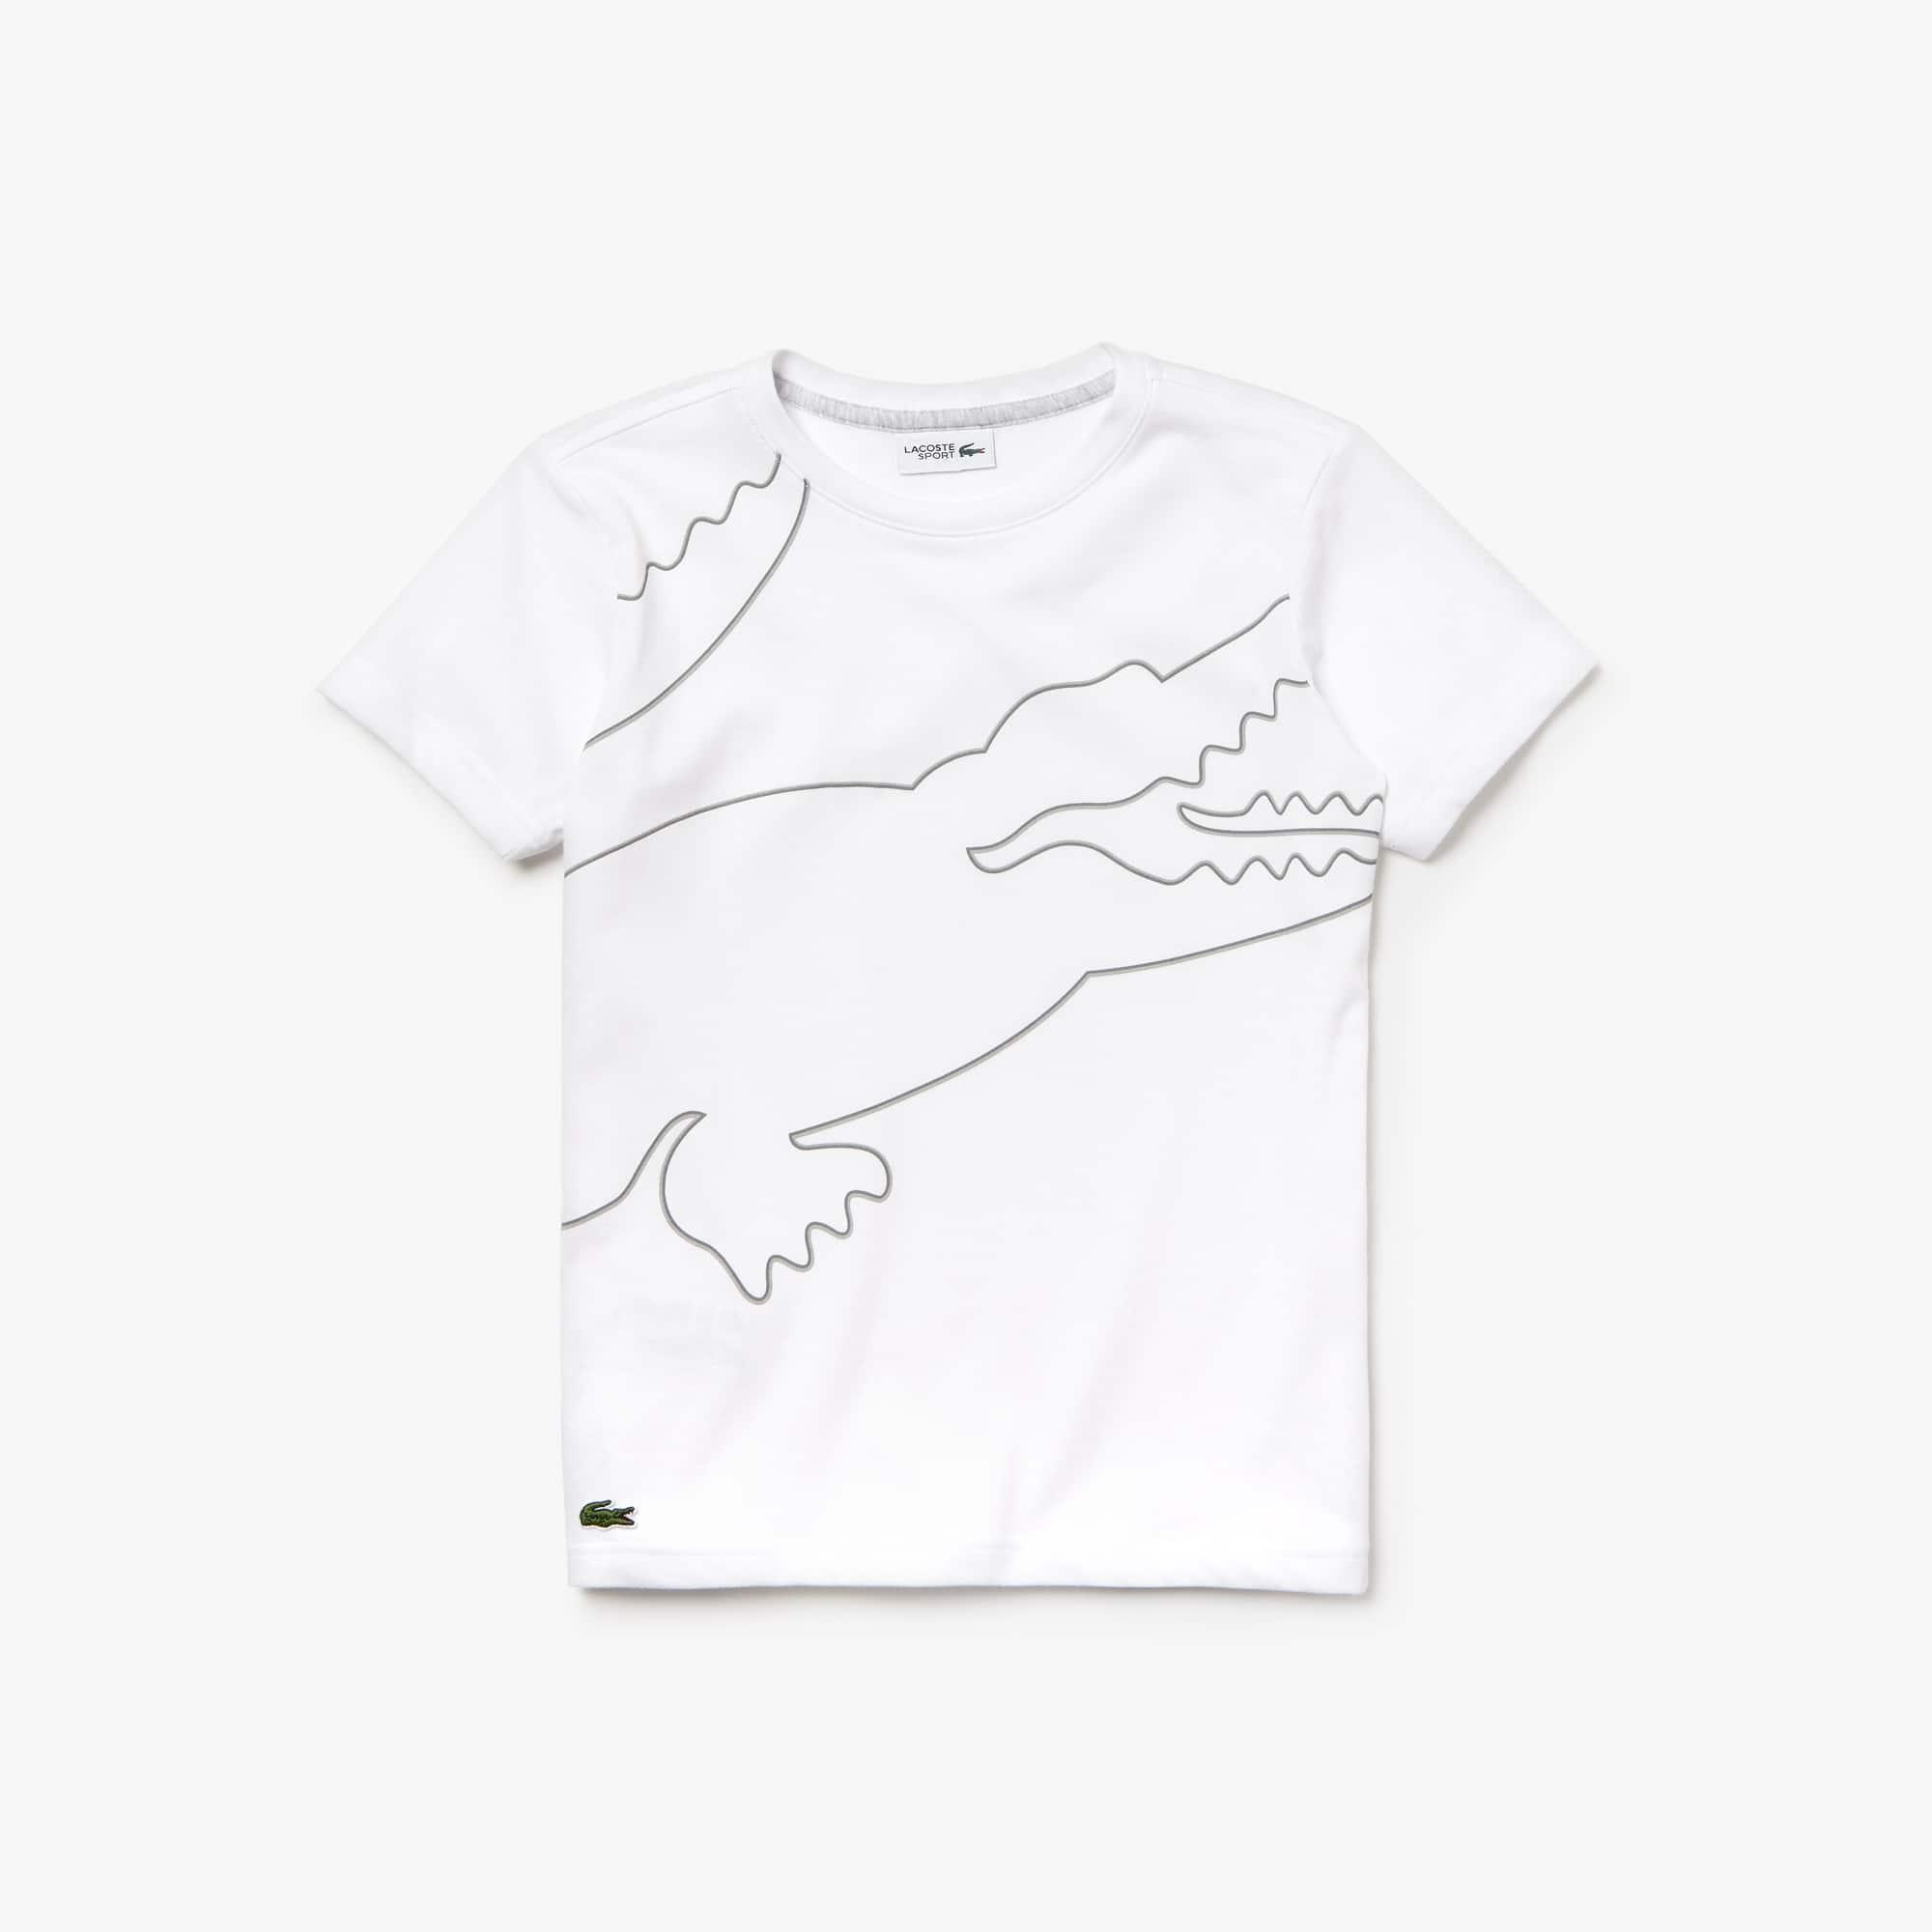 443771e131 T-Shirt Garçon Tennis SPORT avec maxi croco